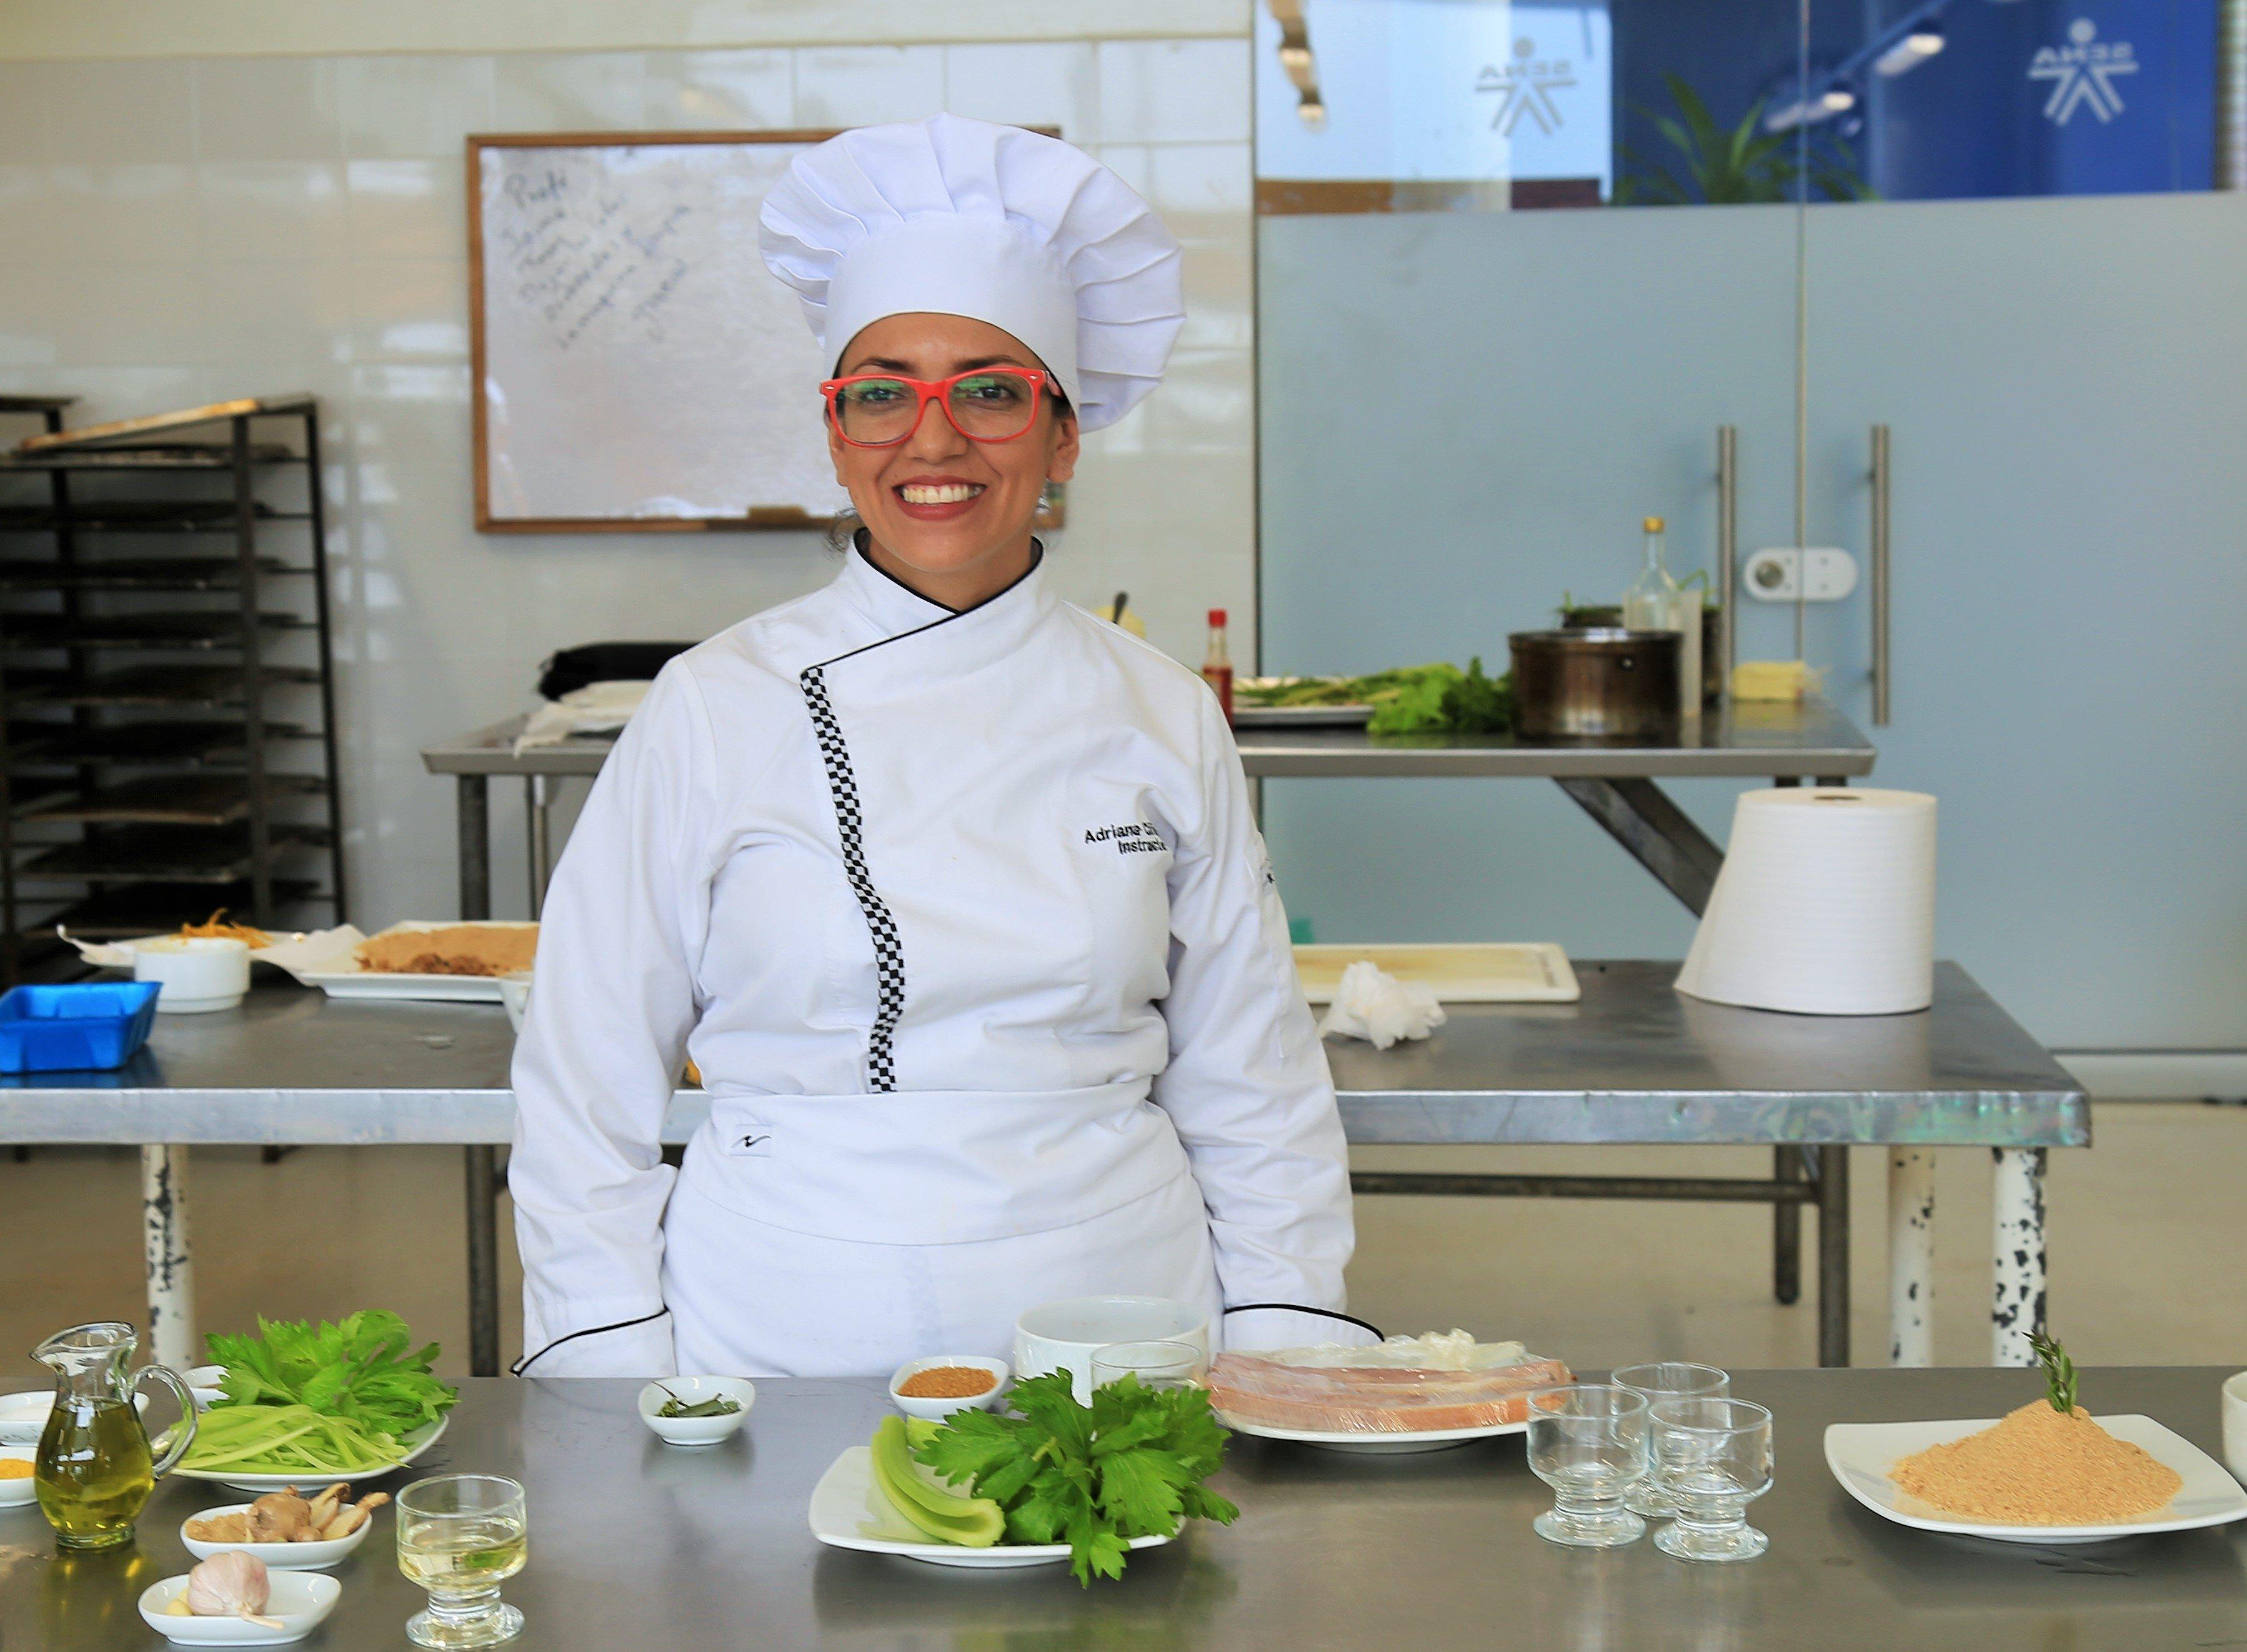 Tips de cocina con la chef adriana cifuentes lanacion com co - Cocinas chef ...